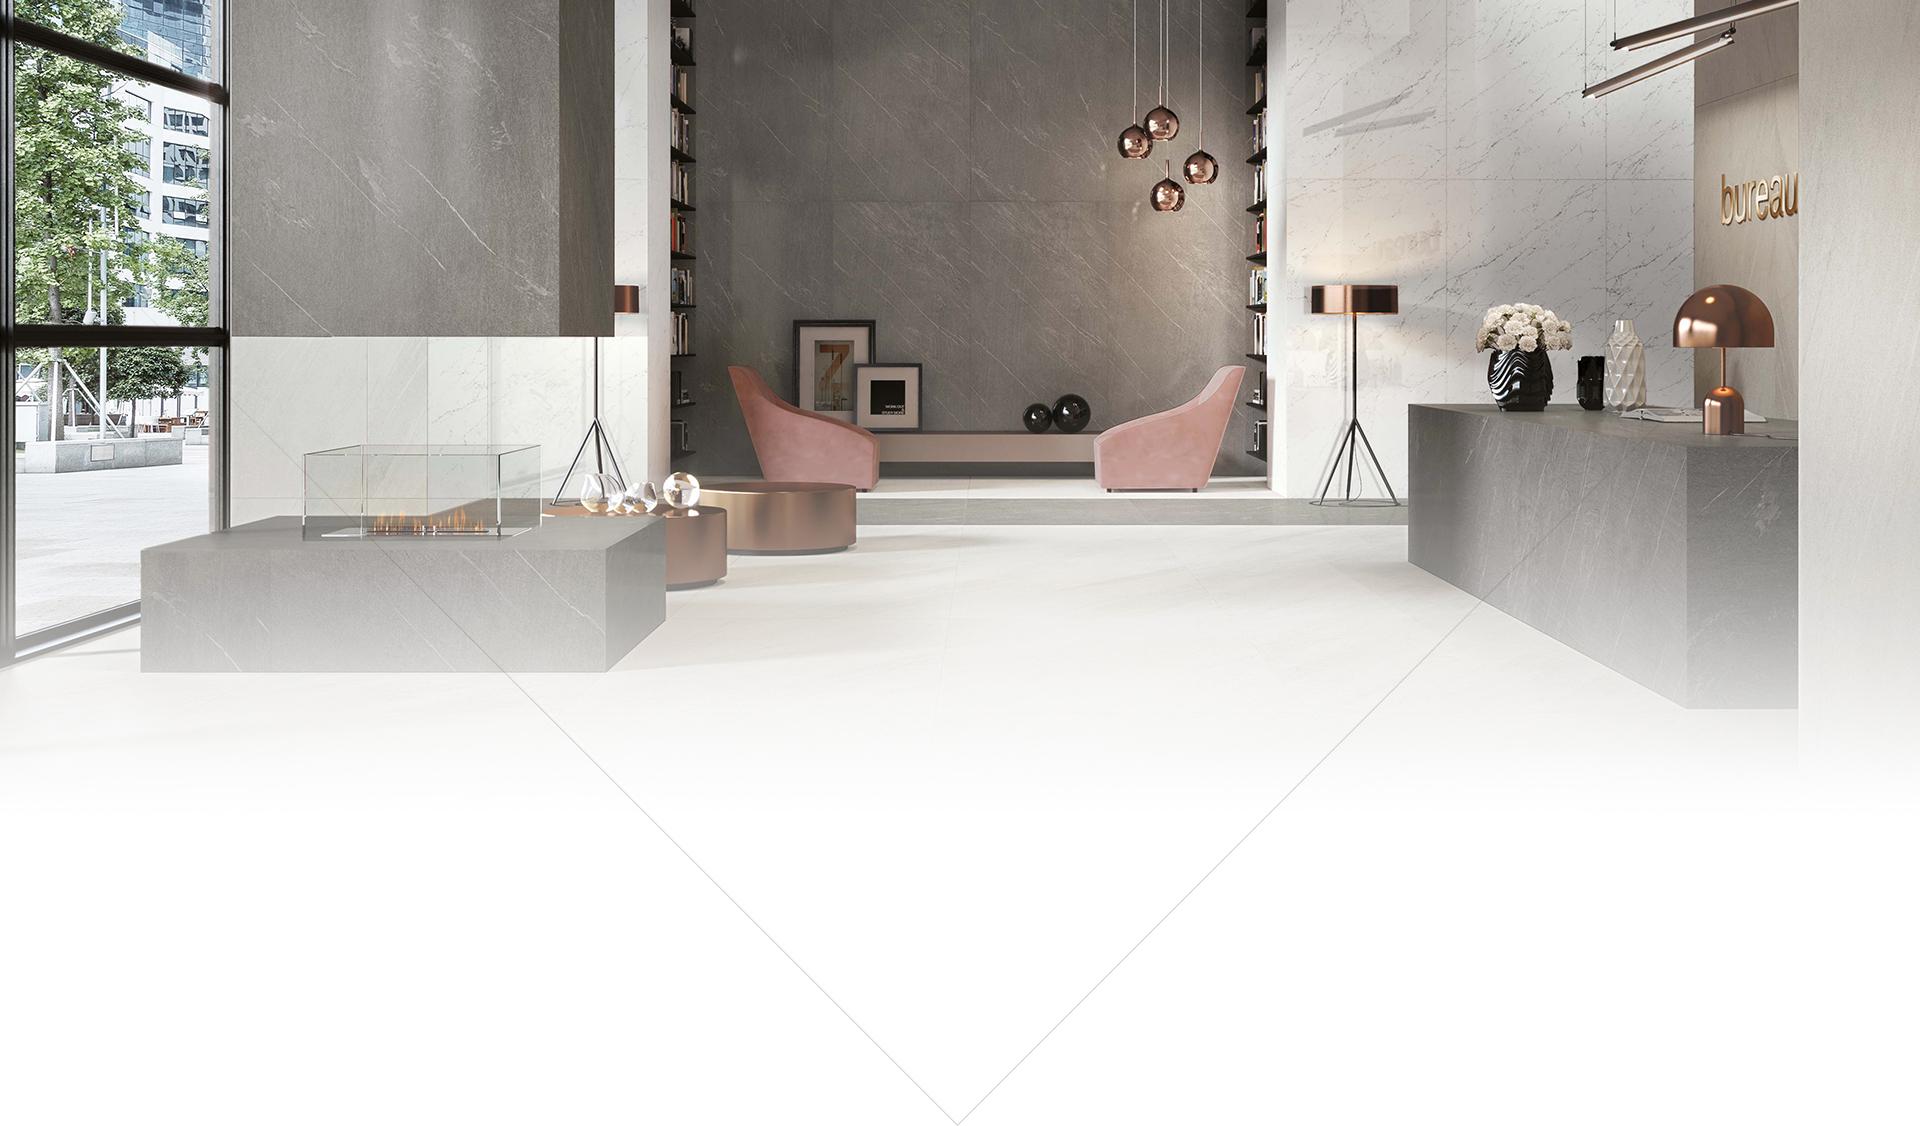 Giải pháp không gian nội thất từ sàn gỗ - gạch - thiết bị phòng tắm